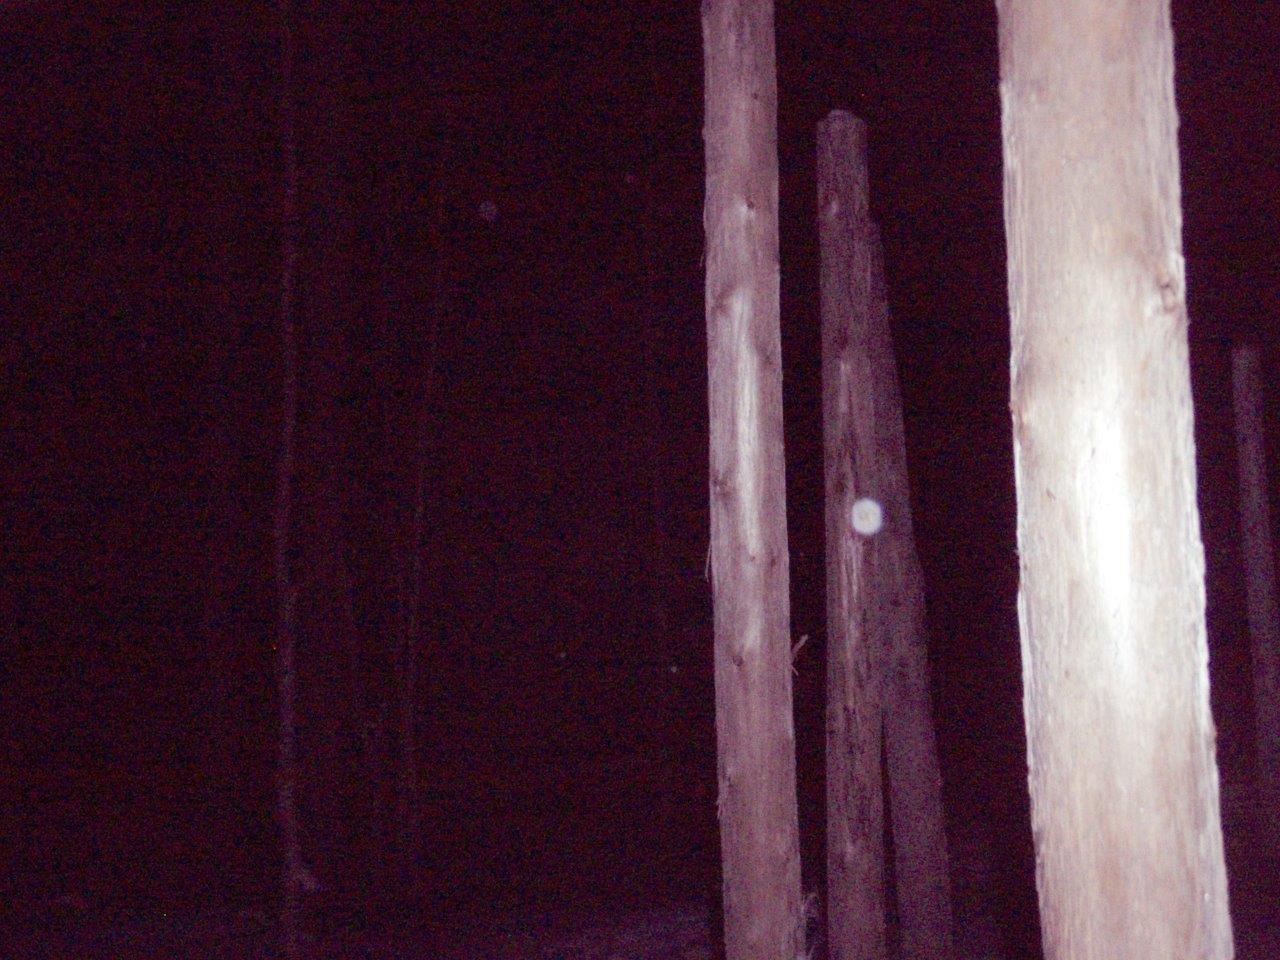 Forest Woodhenge - Solstice Meditation (6)